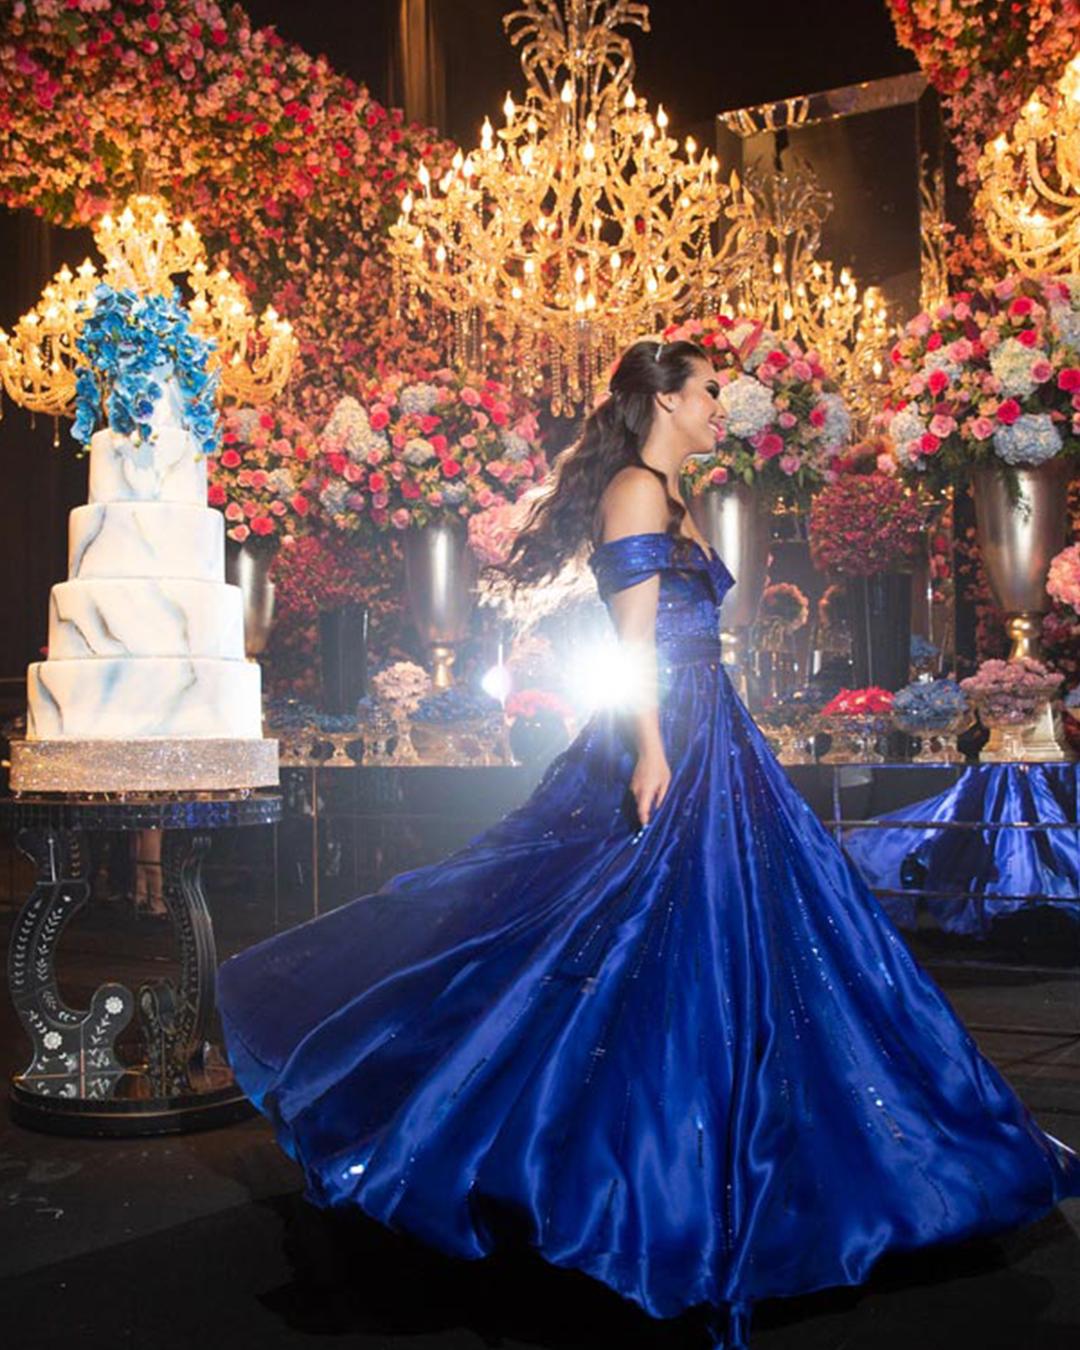 650b61b1a9abc Vestido de debutante azul: inspirações para sonhar com o seu!